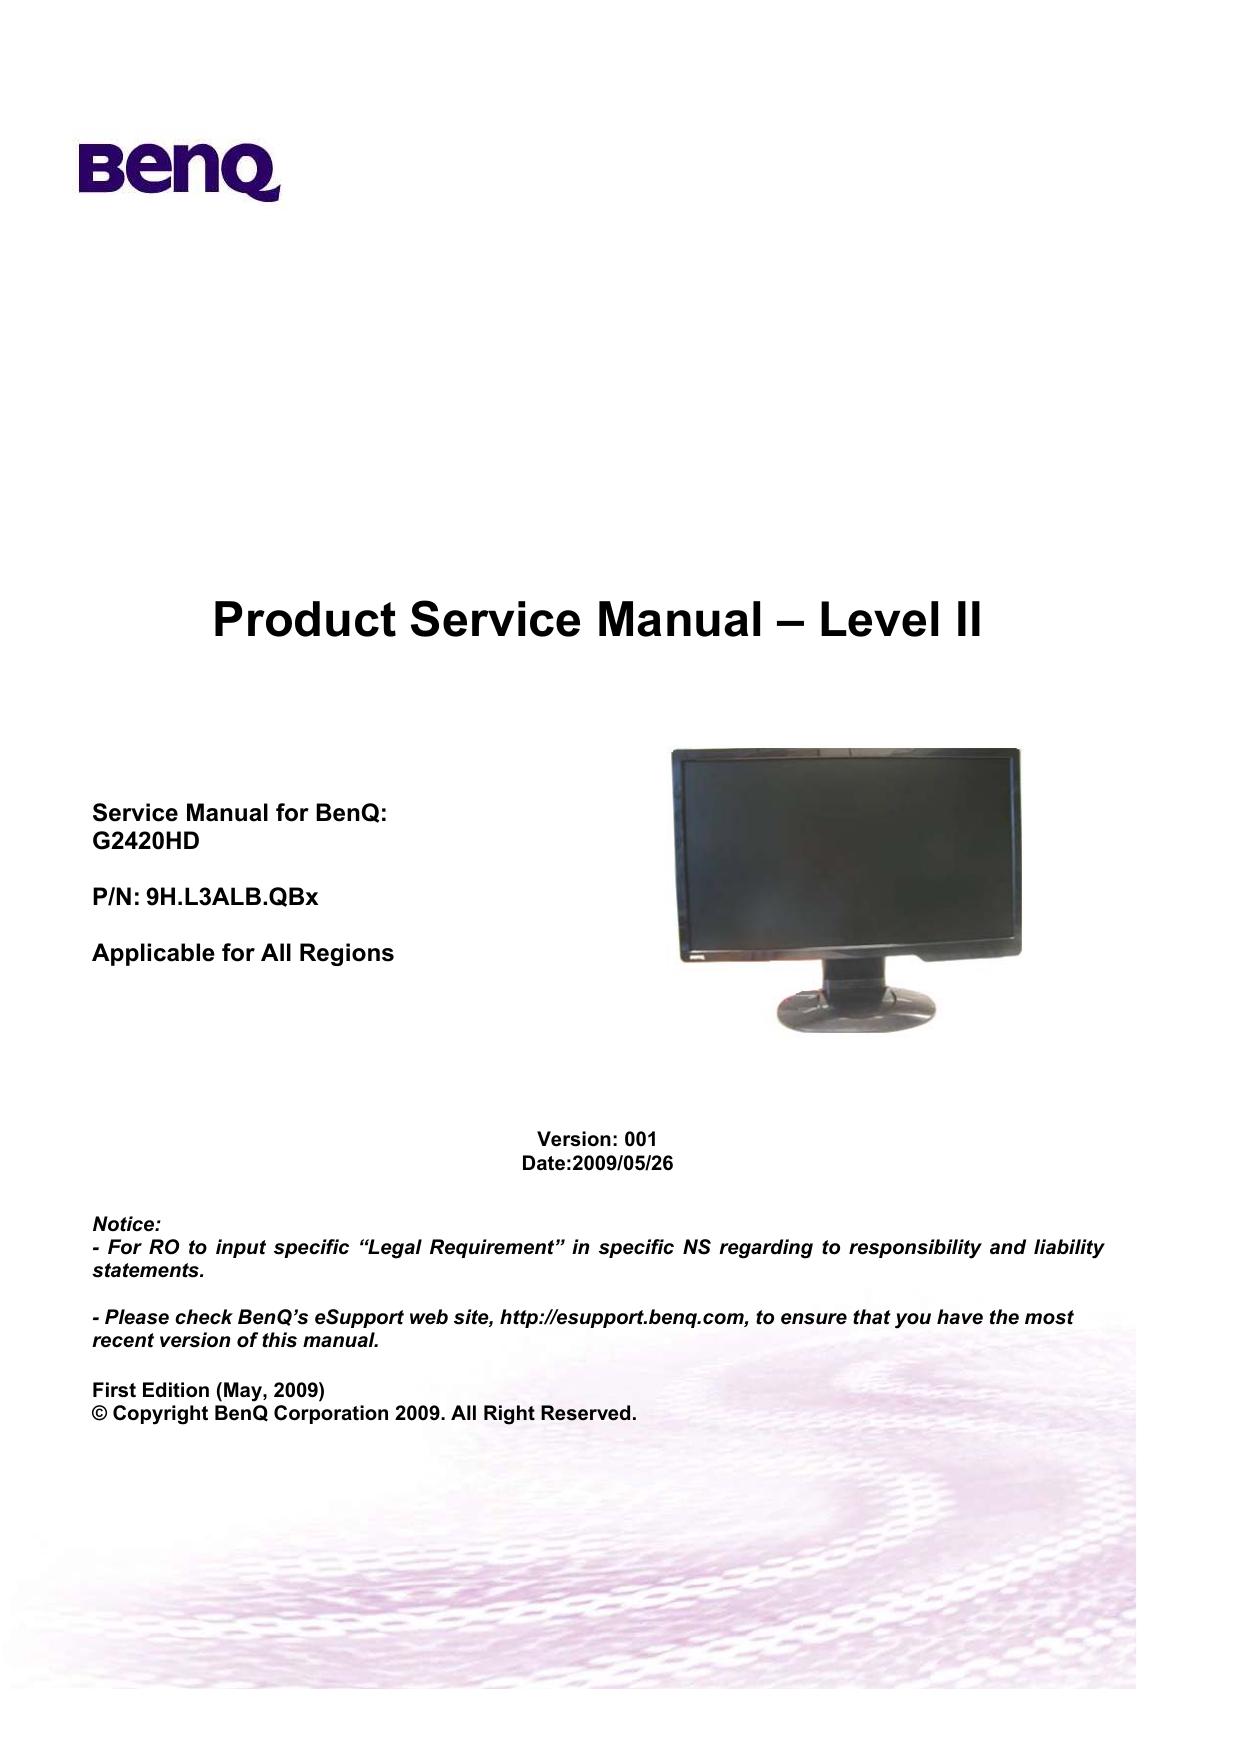 benq g2420hd service manual rh manualzilla com Aircraft MAINTEANCE Manuals Facility Manuals